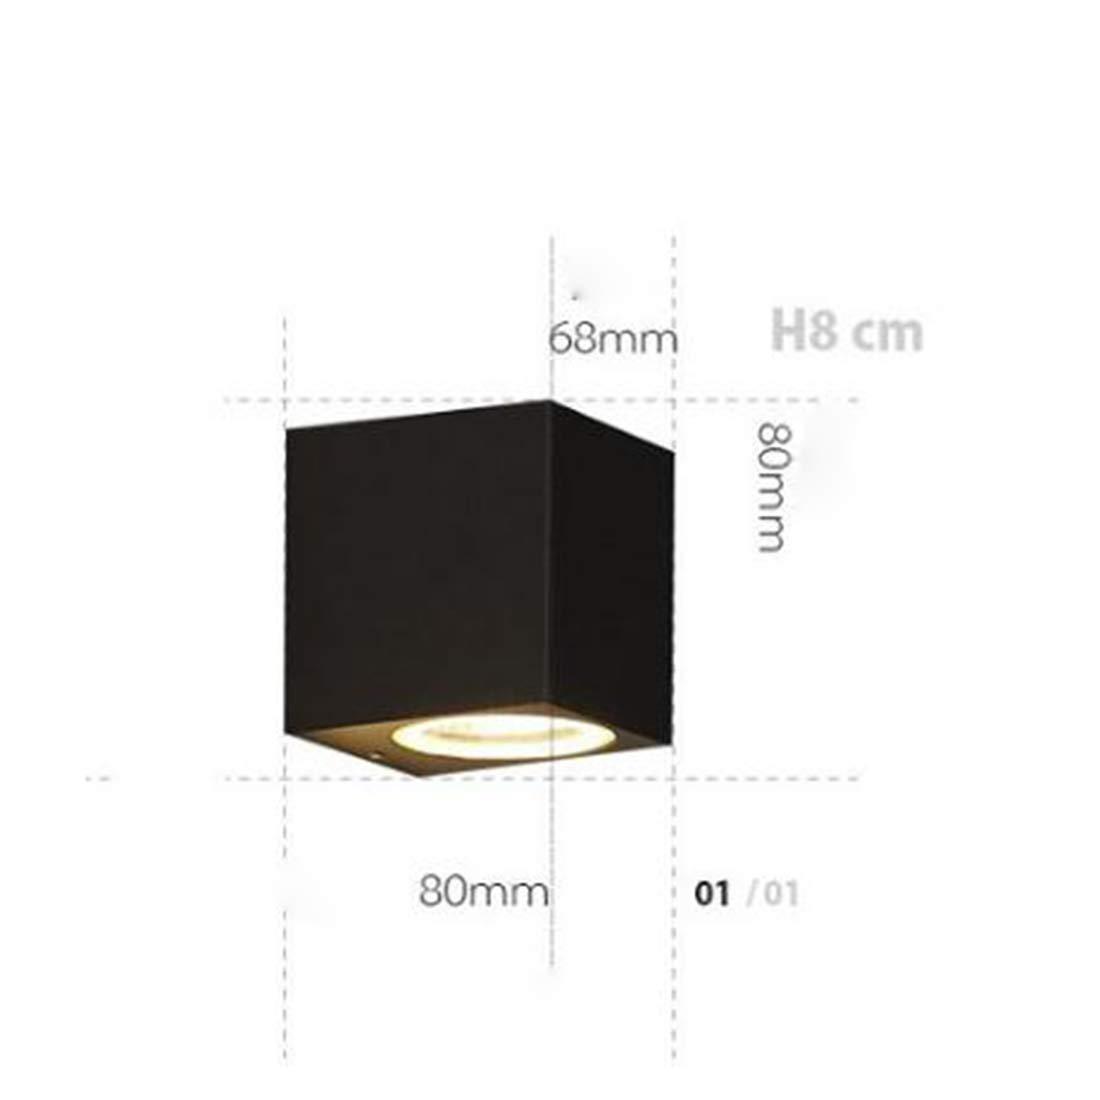 MAGAI Downlight LED fissato al Muro di Progettazione Quadrata Leggera Impermeabile della Parete per Le pareti all'aperto, i Garage, i Passi carrai, i pati